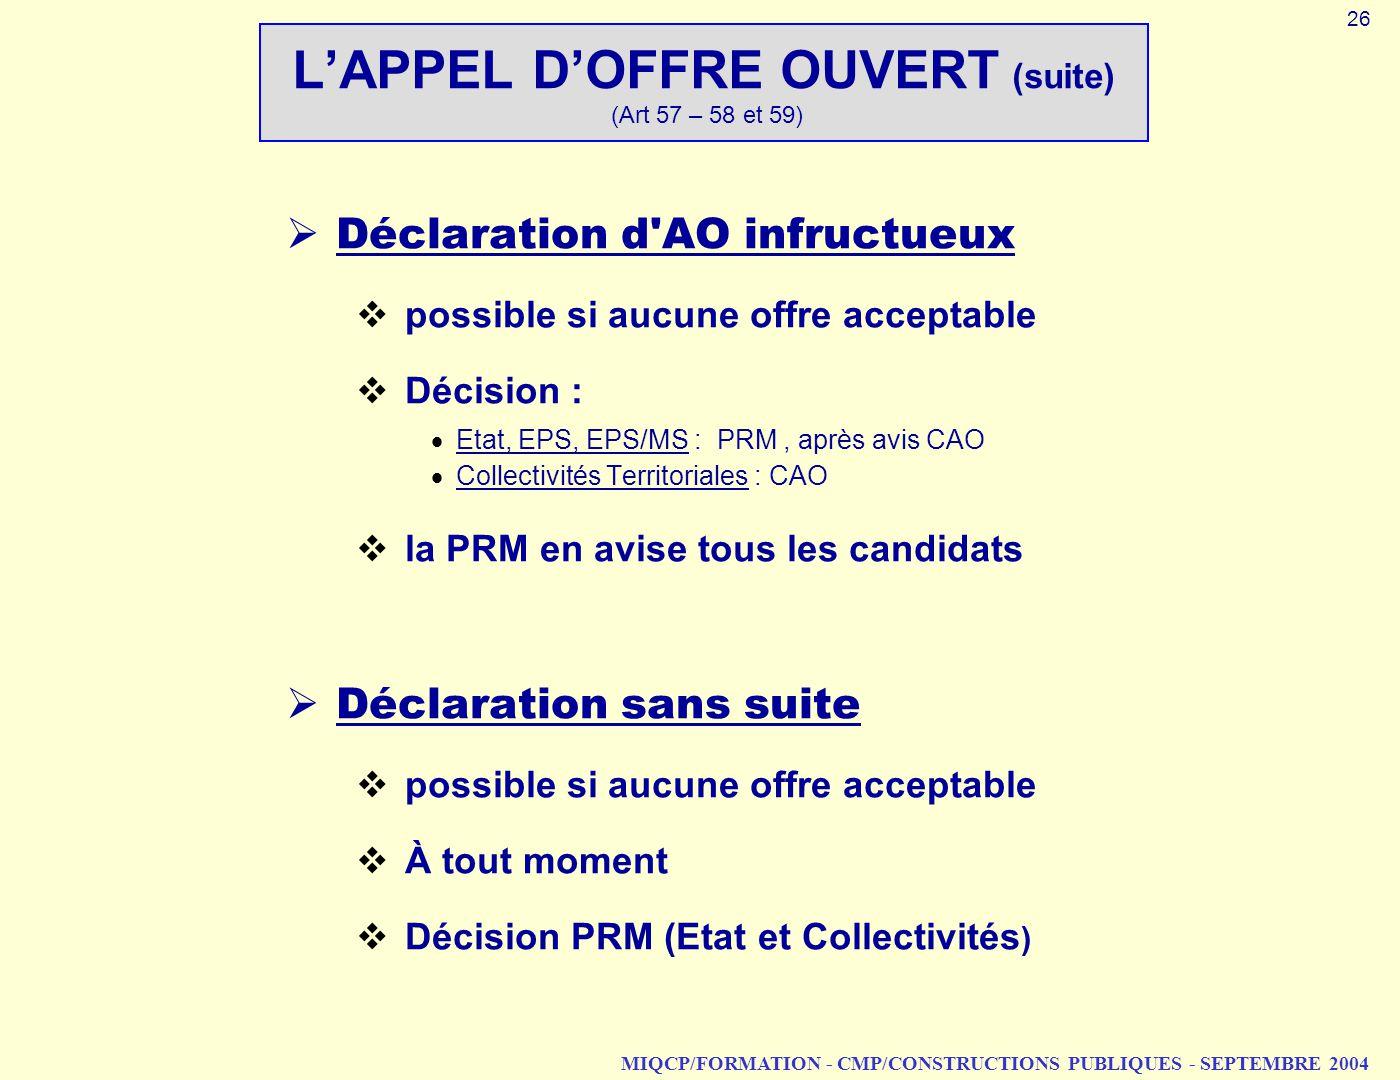 MIQCP/FORMATION - CMP/CONSTRUCTIONS PUBLIQUES - SEPTEMBRE 2004 LAPPEL DOFFRE OUVERT (suite) (Art 57 – 58 et 59) Déclaration d'AO infructueux possible